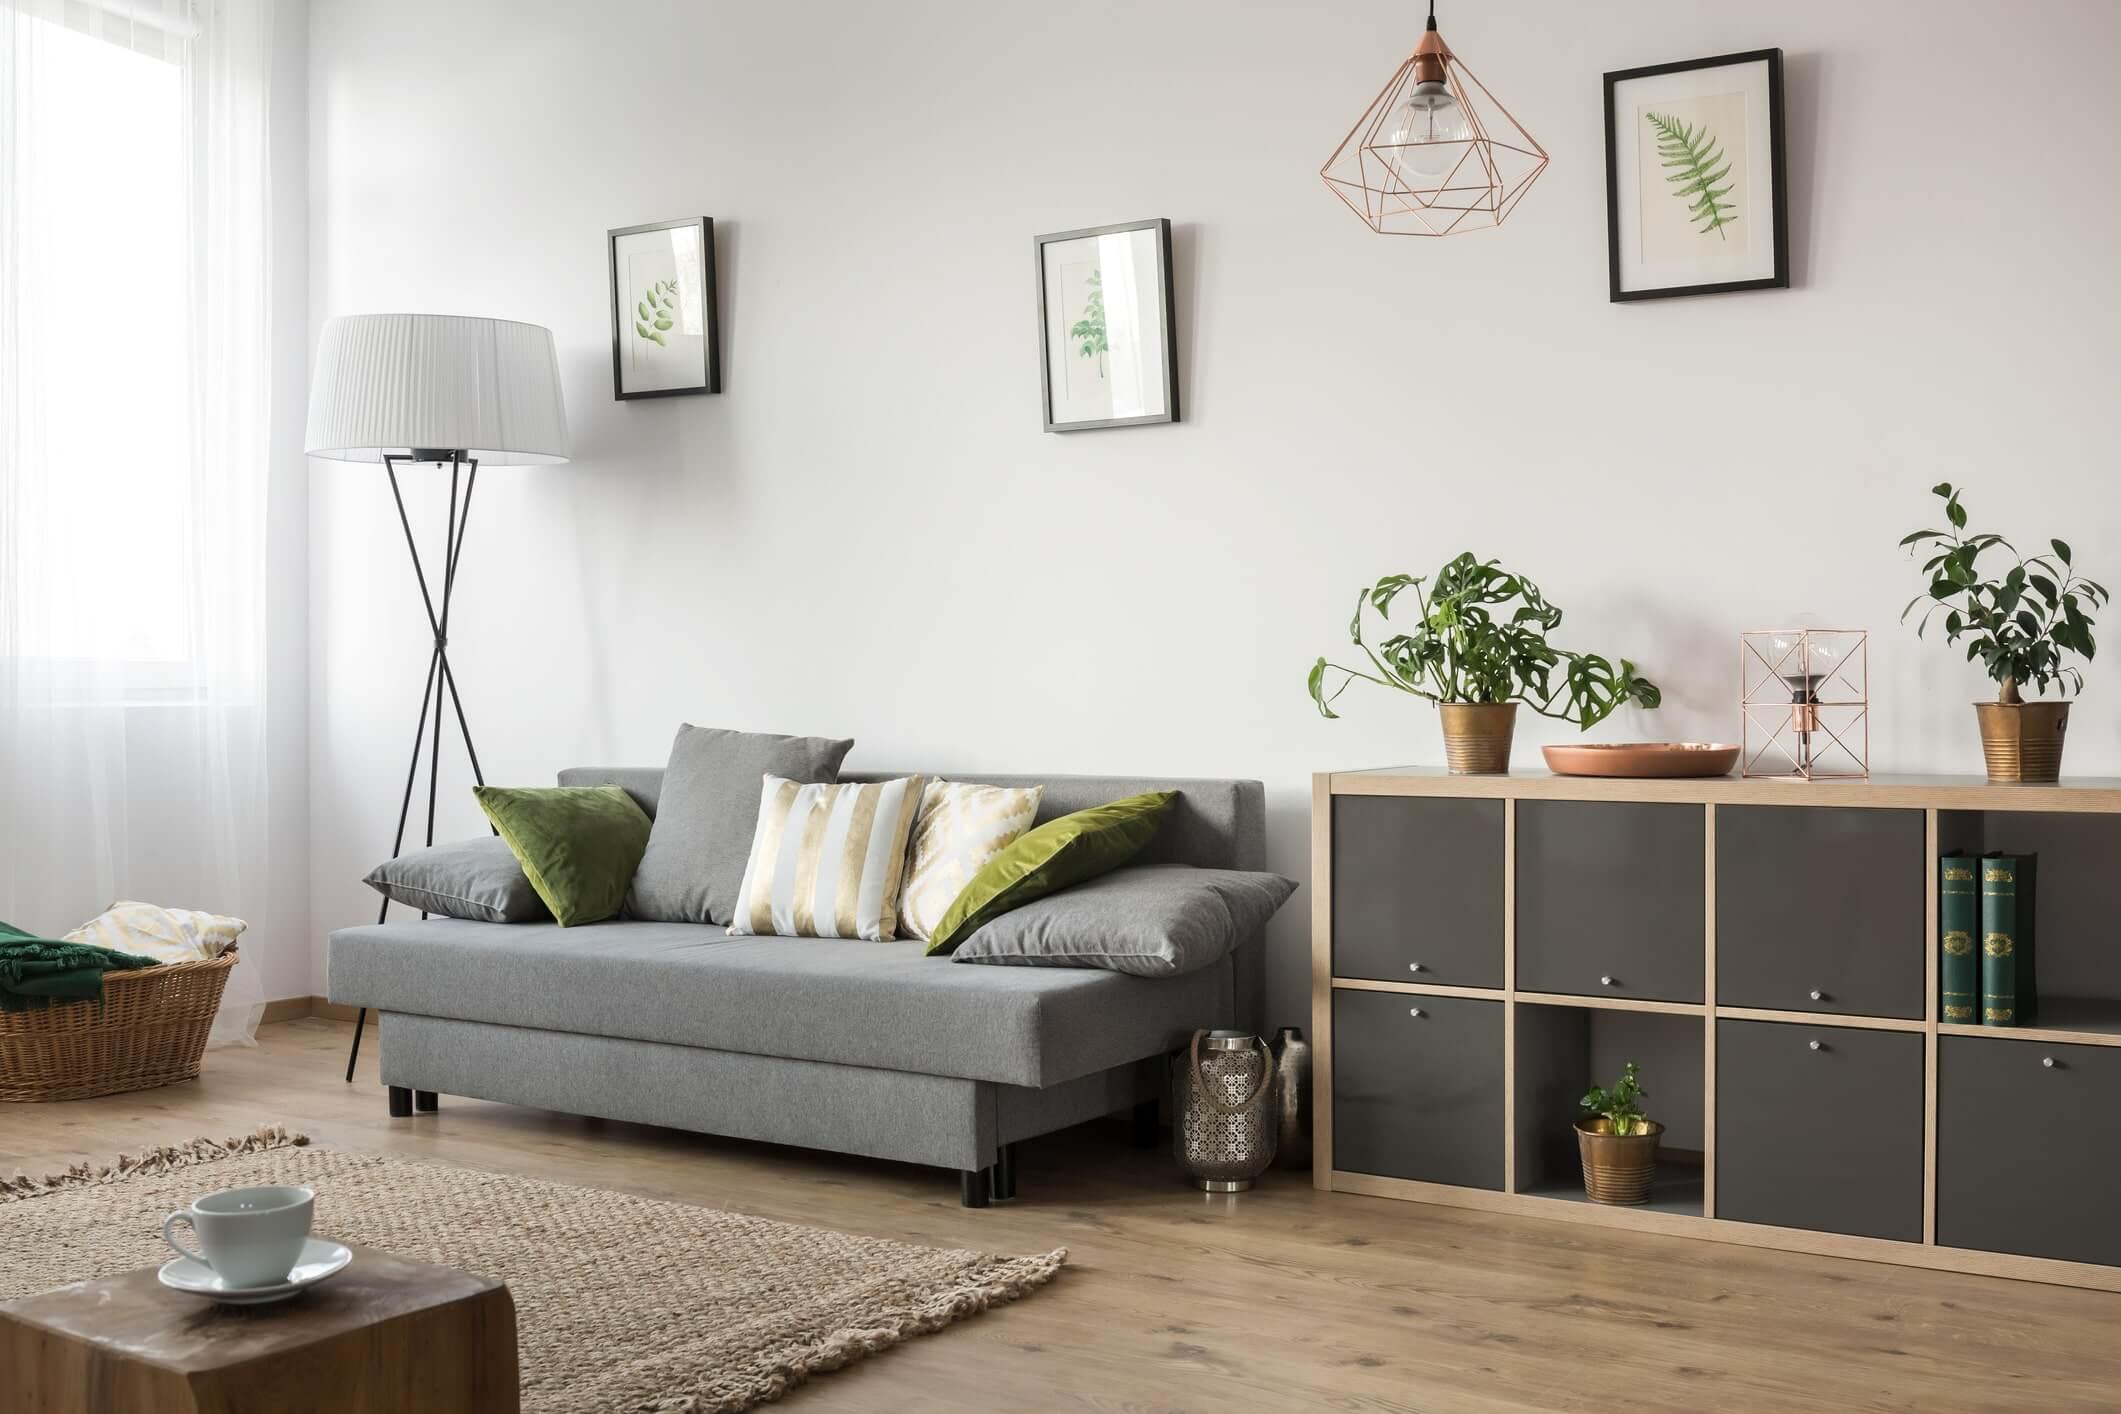 Full Size of Ikea Tradfri Alle Infos Zum Smart Home System Esstische Holz Regale Holzofen Küche Massivholz Regal Esstisch Holzplatte Kosten Massiv Sichtschutz Garten Wohnzimmer Ikea Stehlampe Holz